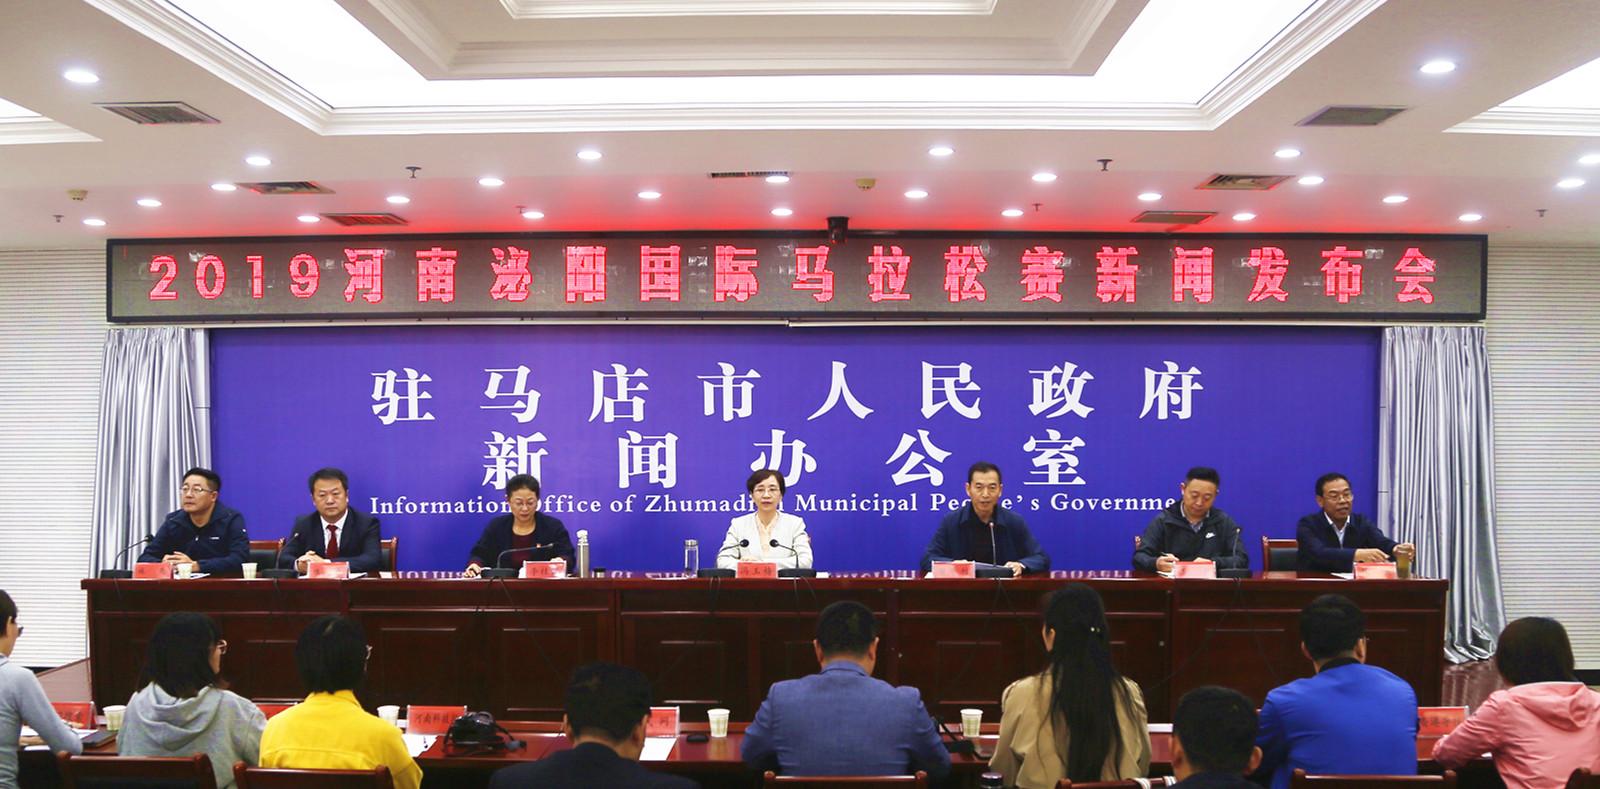 2019河南泌阳国际马拉松赛将于11月3日鸣枪开赛